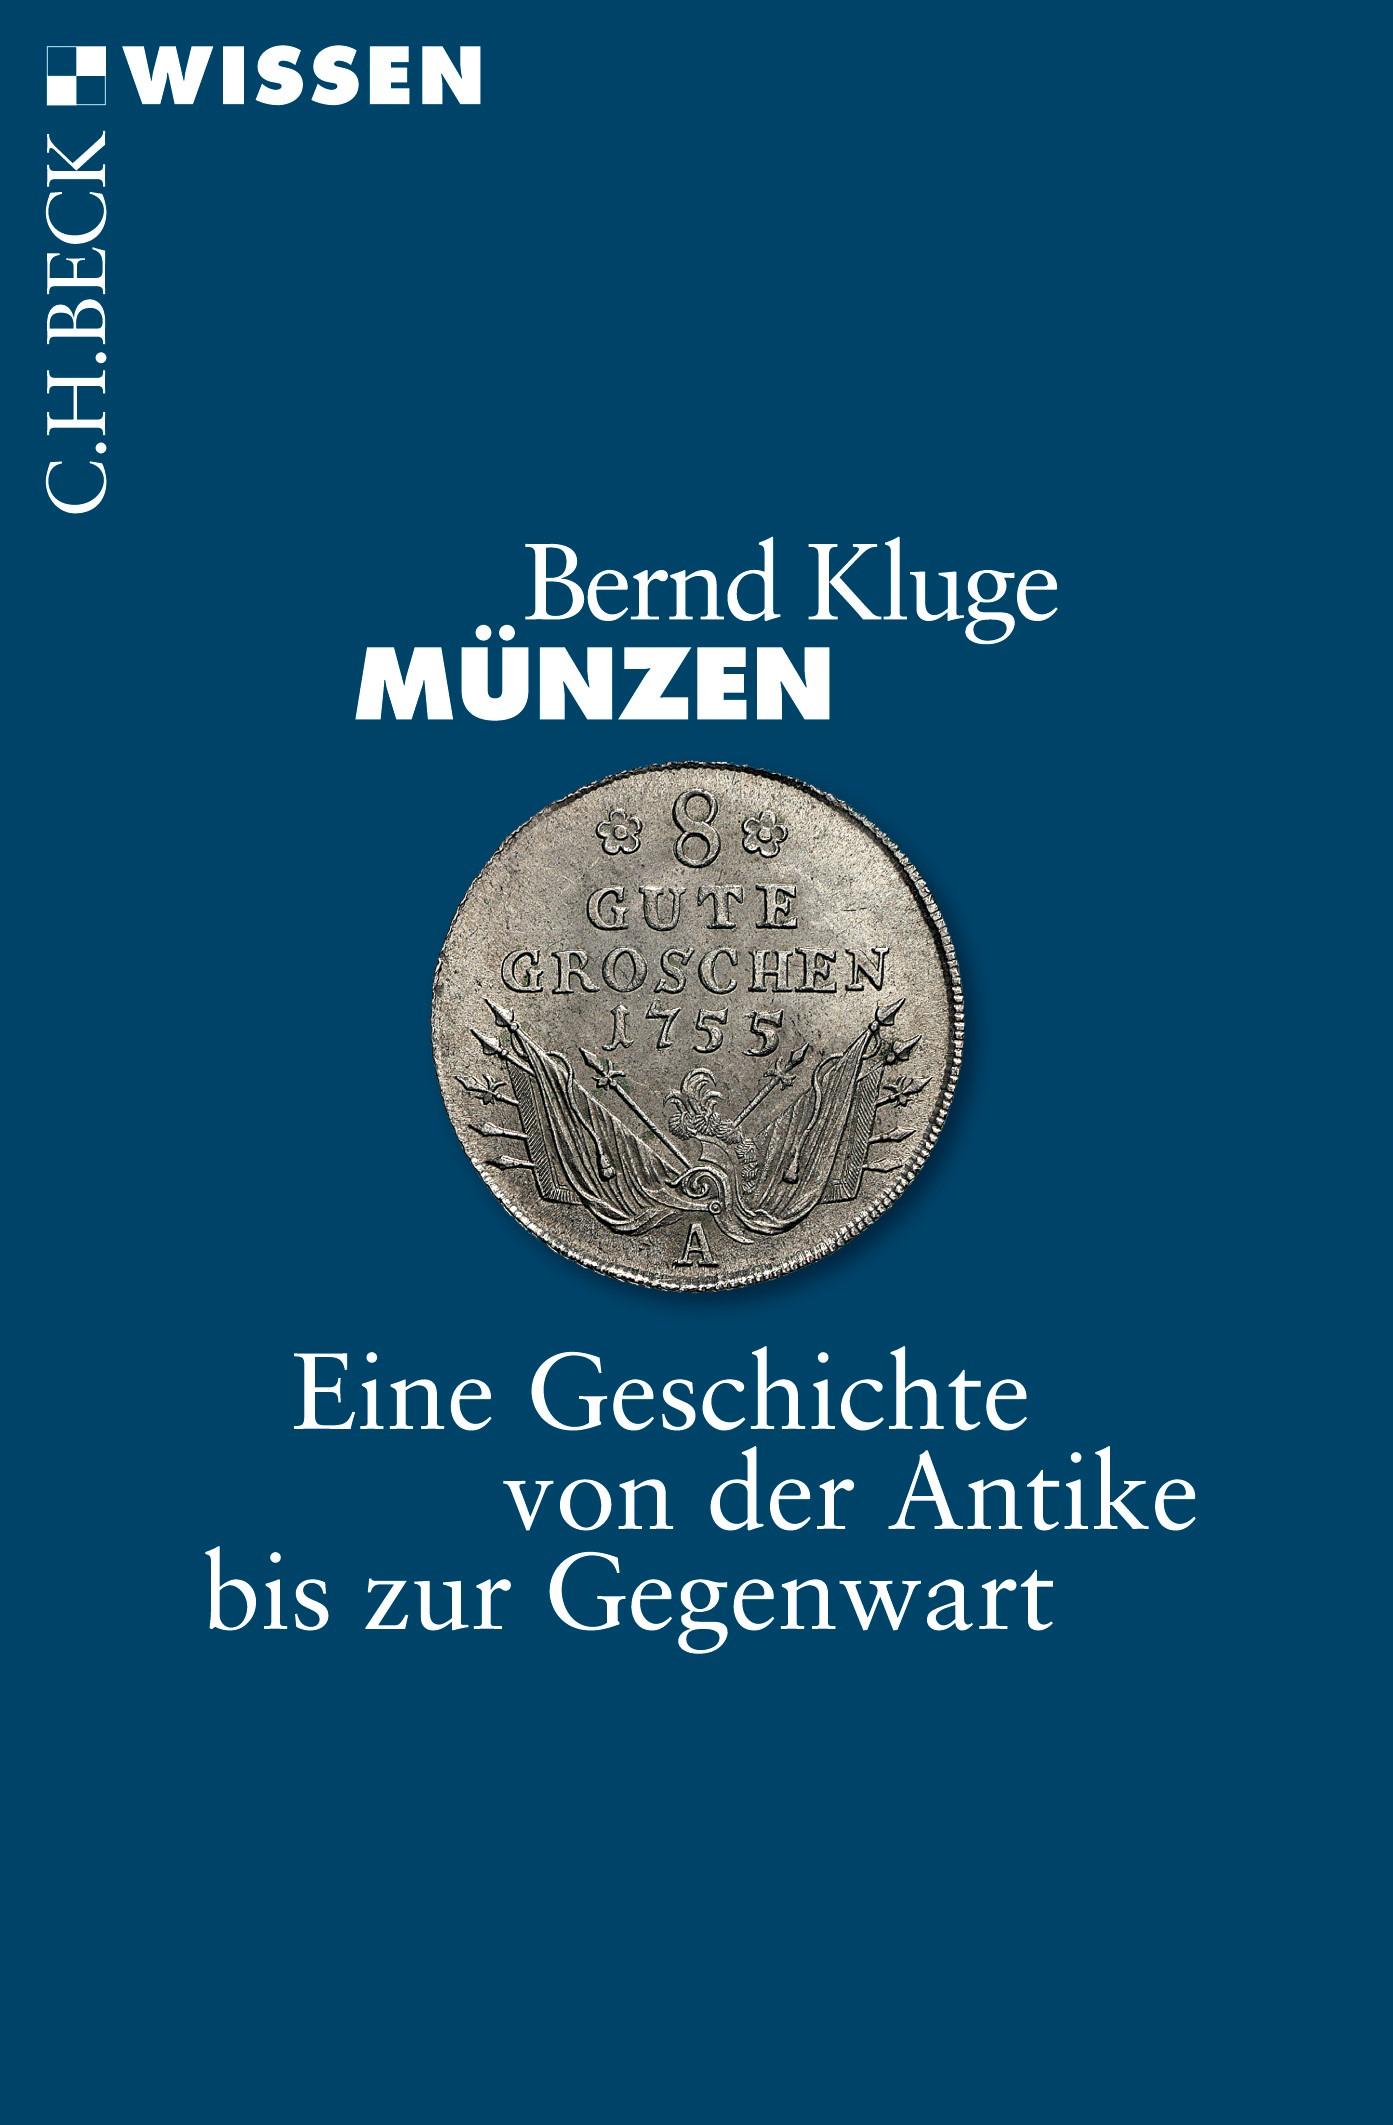 Cover des Buches 'Münzen'